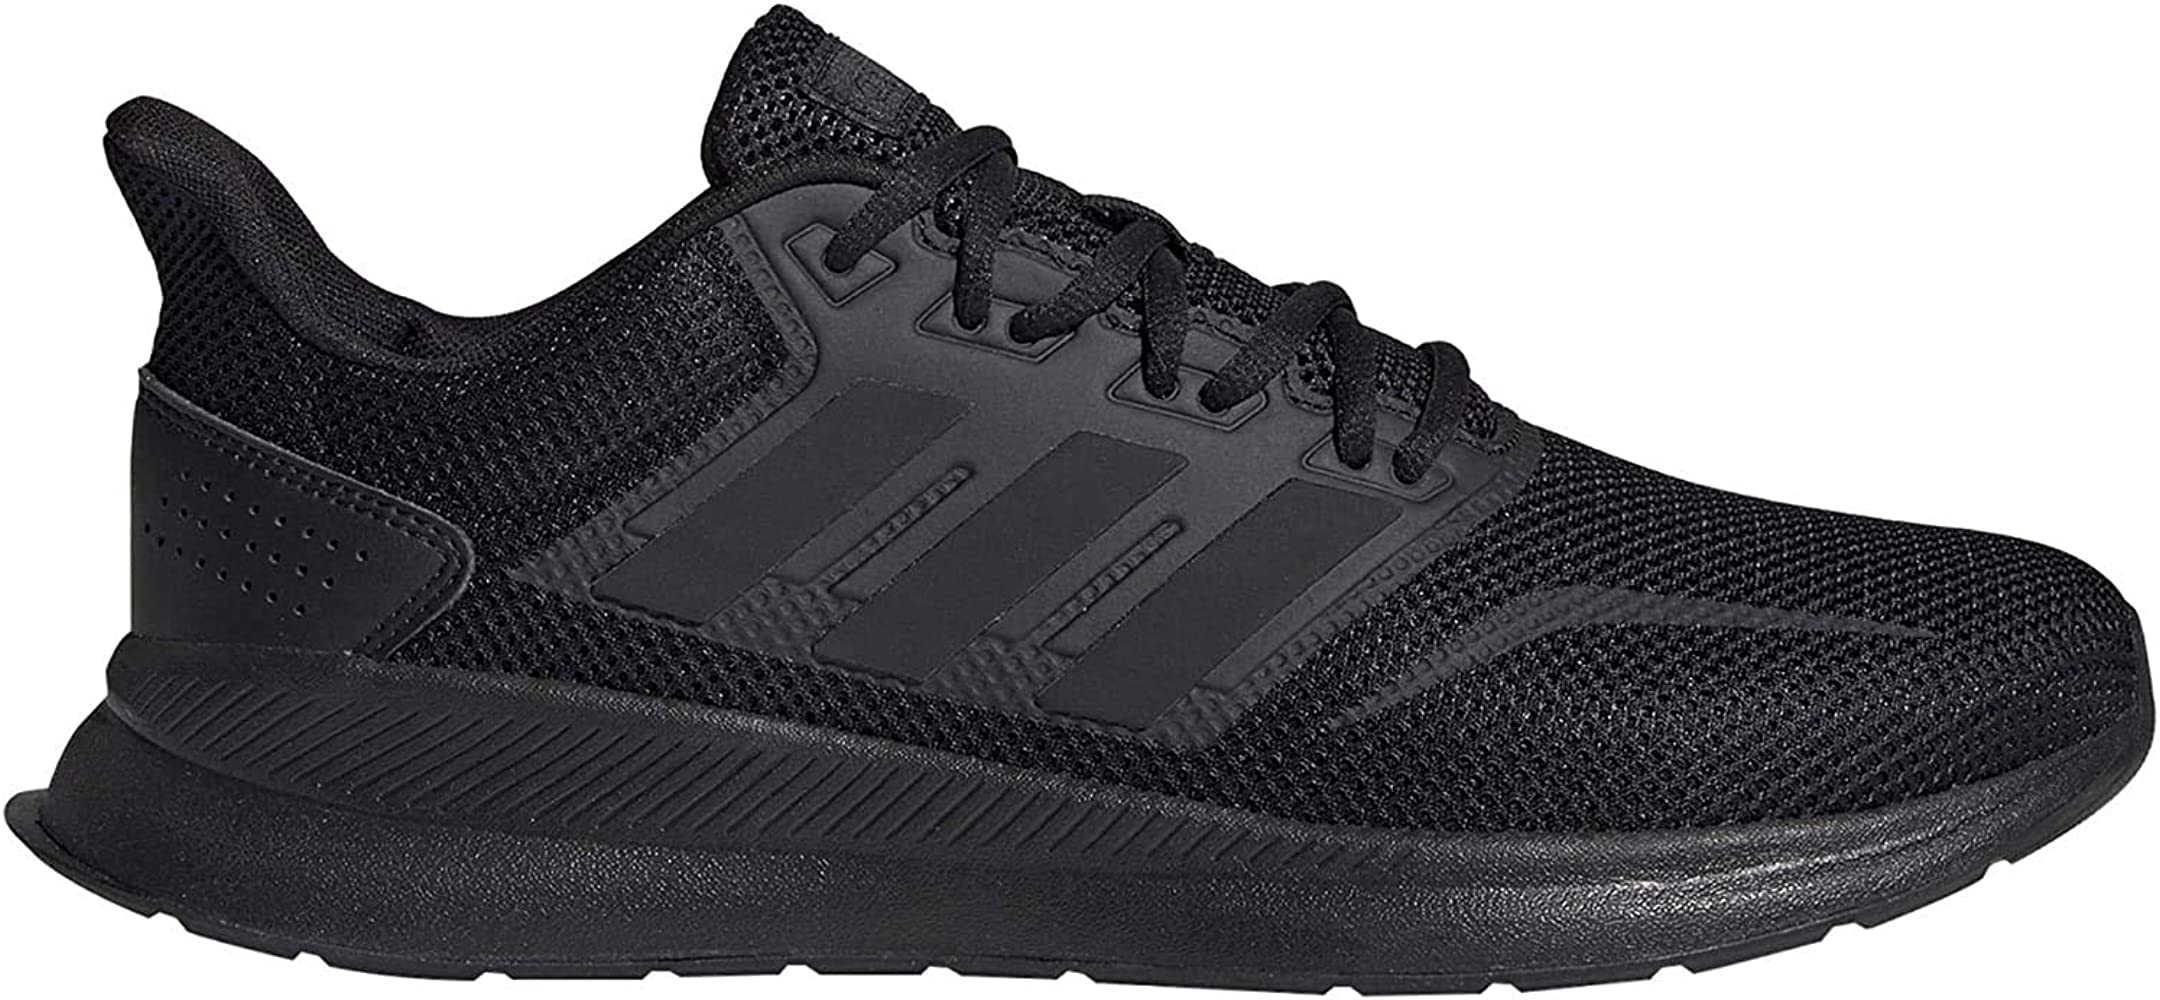 Sneakers Adidas Runfalcon Negro: Amazon.es: Zapatos y complementos